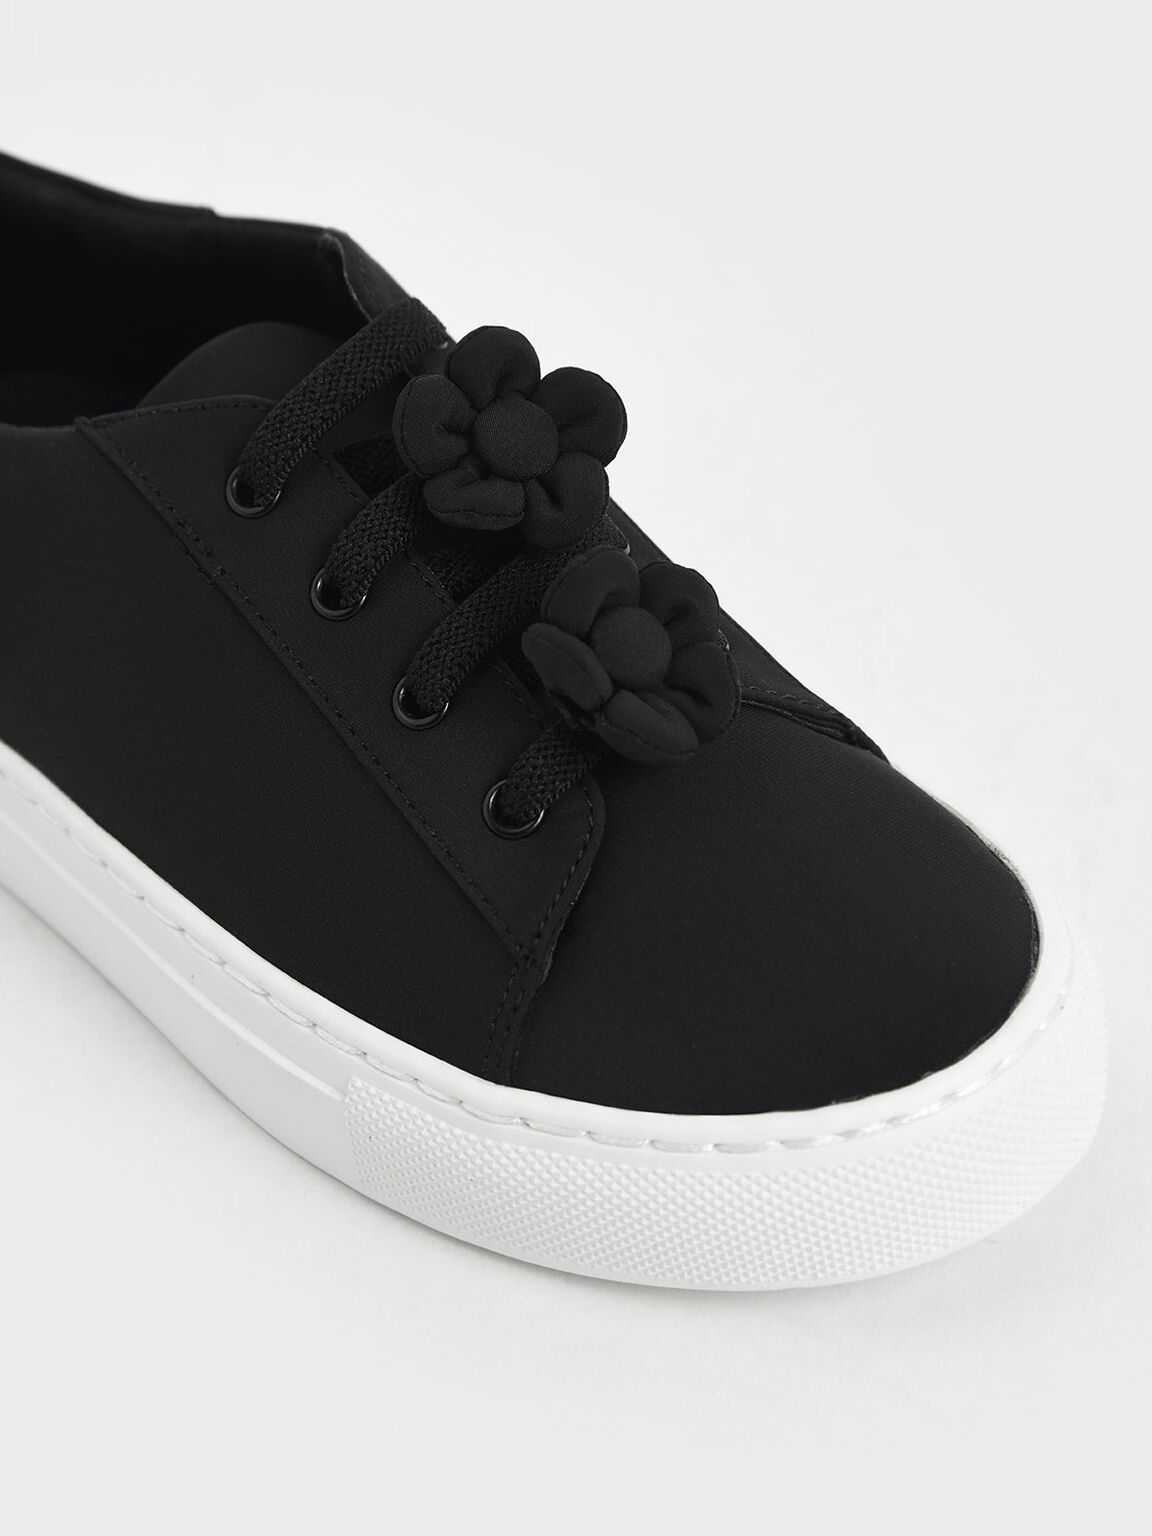 Girls' Flower Embellished Sneakers, Black, hi-res